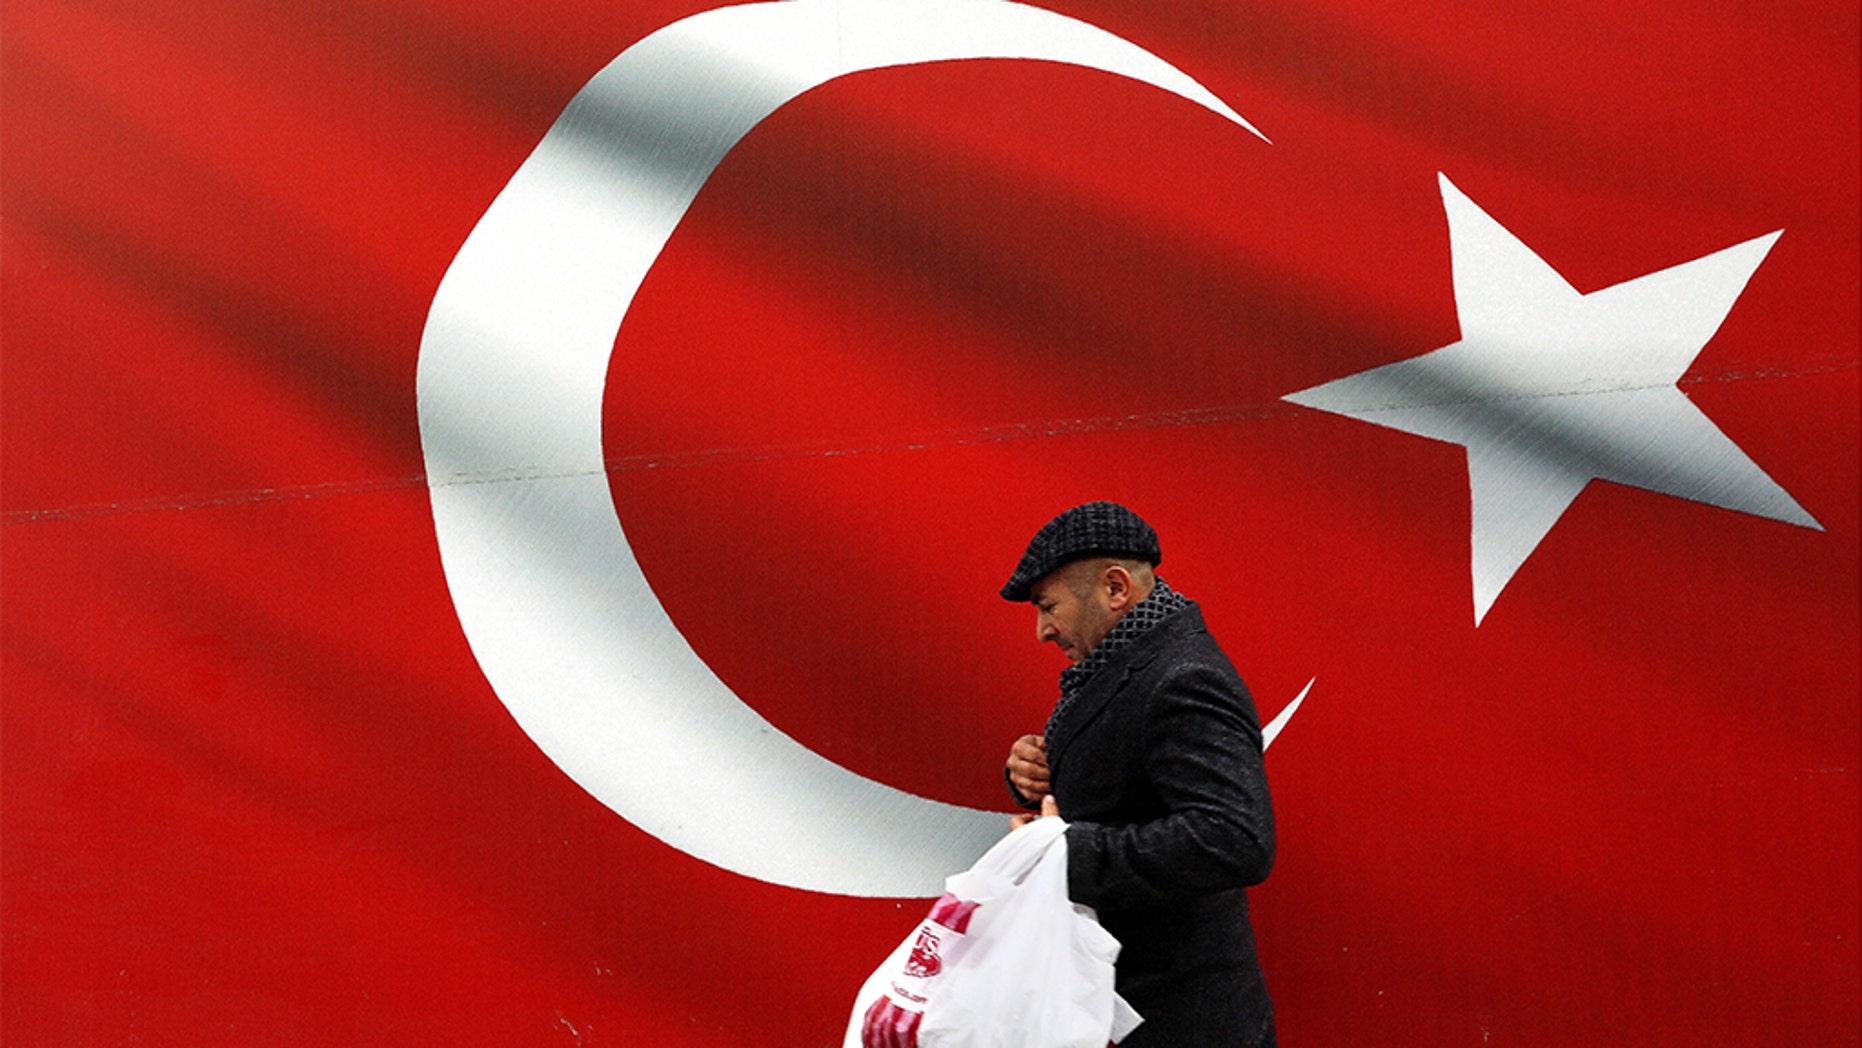 یک مرد با یک پرچم عظیم ترکیه در آنکارا، ترکیه، در روز یکشنبه راه می رود. شهروندان ترکیه رای خود را در انتخابات شهرداری برای شهرداران، نمایندگان مجلس محلی و مجامع روستایی یا روستا آغاز کرده اند. (AP Photo / علی یونال)